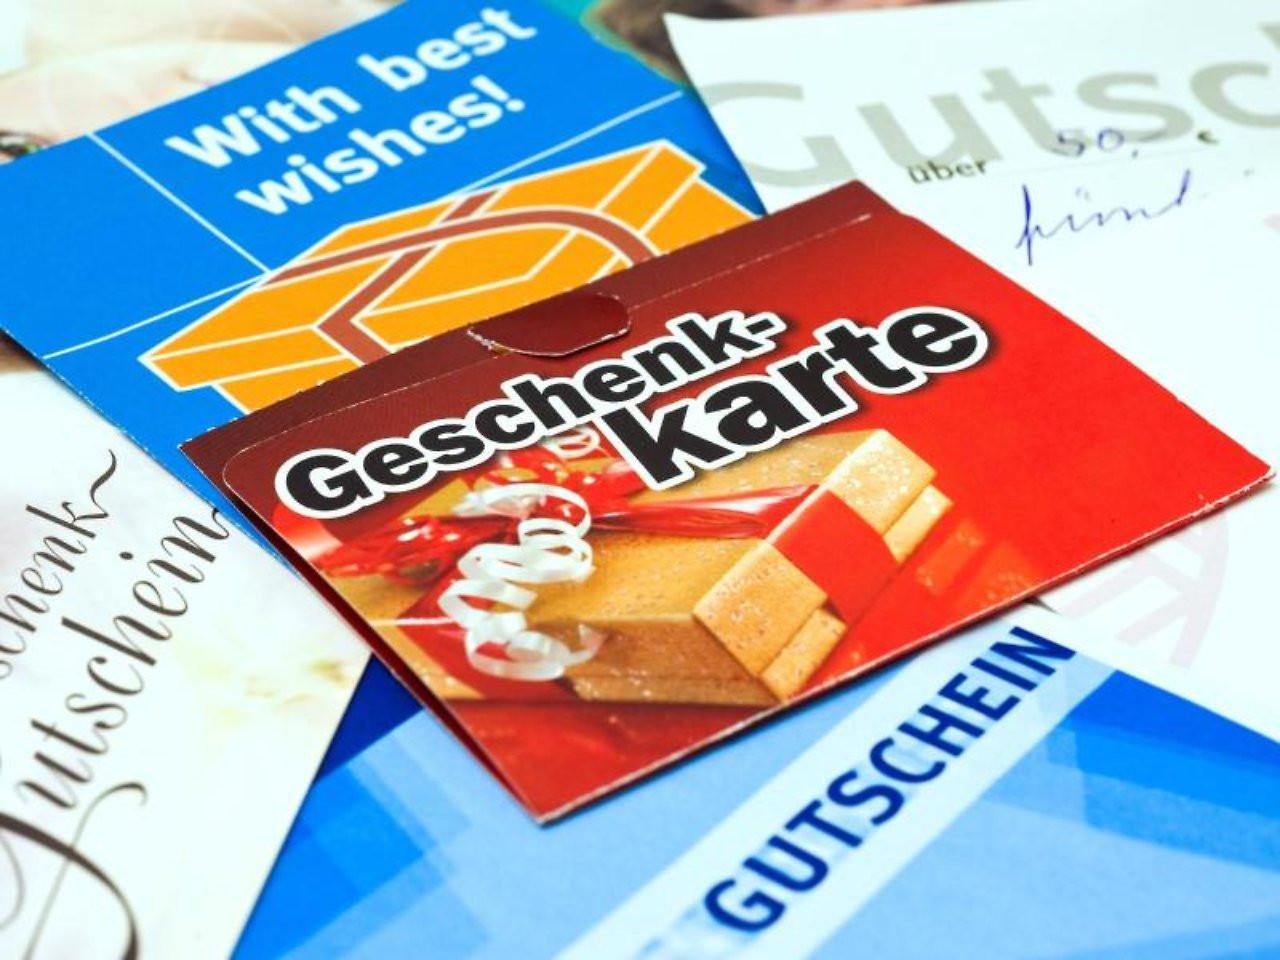 Geschenke An Kunden 35 Euro Netto Oder Brutto  Vermutete Vorteilsnahme Angenommene Geschenke können Job